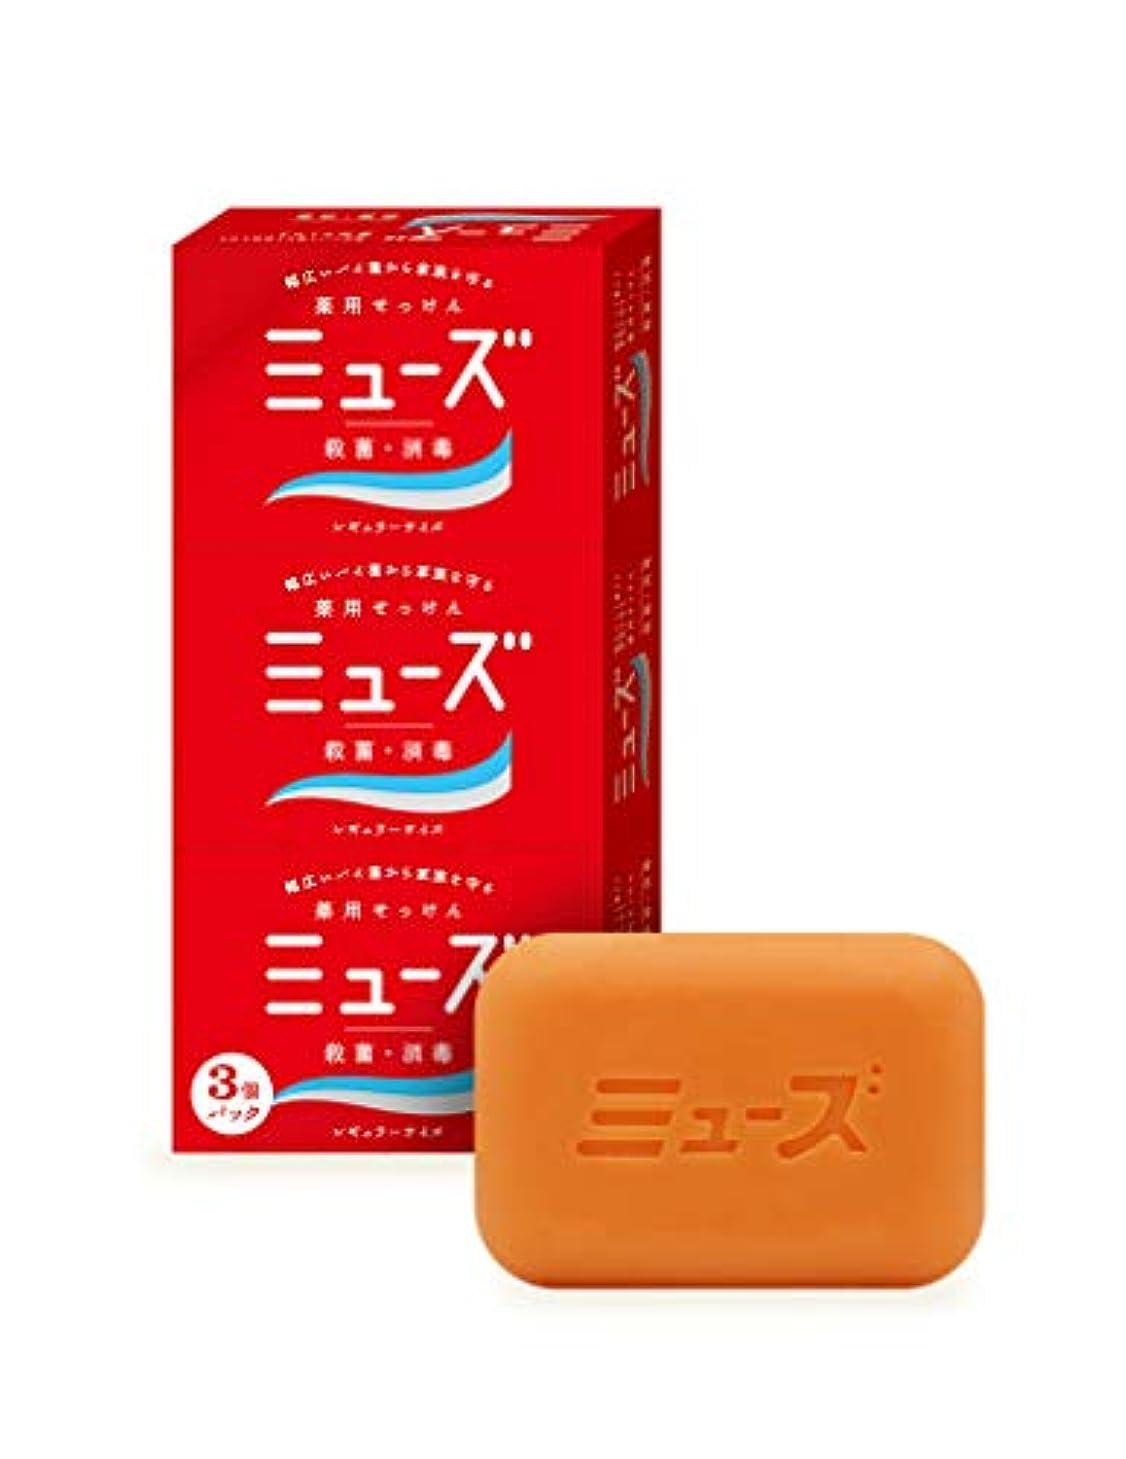 壁不承認パーク【医薬部外品】ミューズ石鹸 レギュラー 95g×3個パック